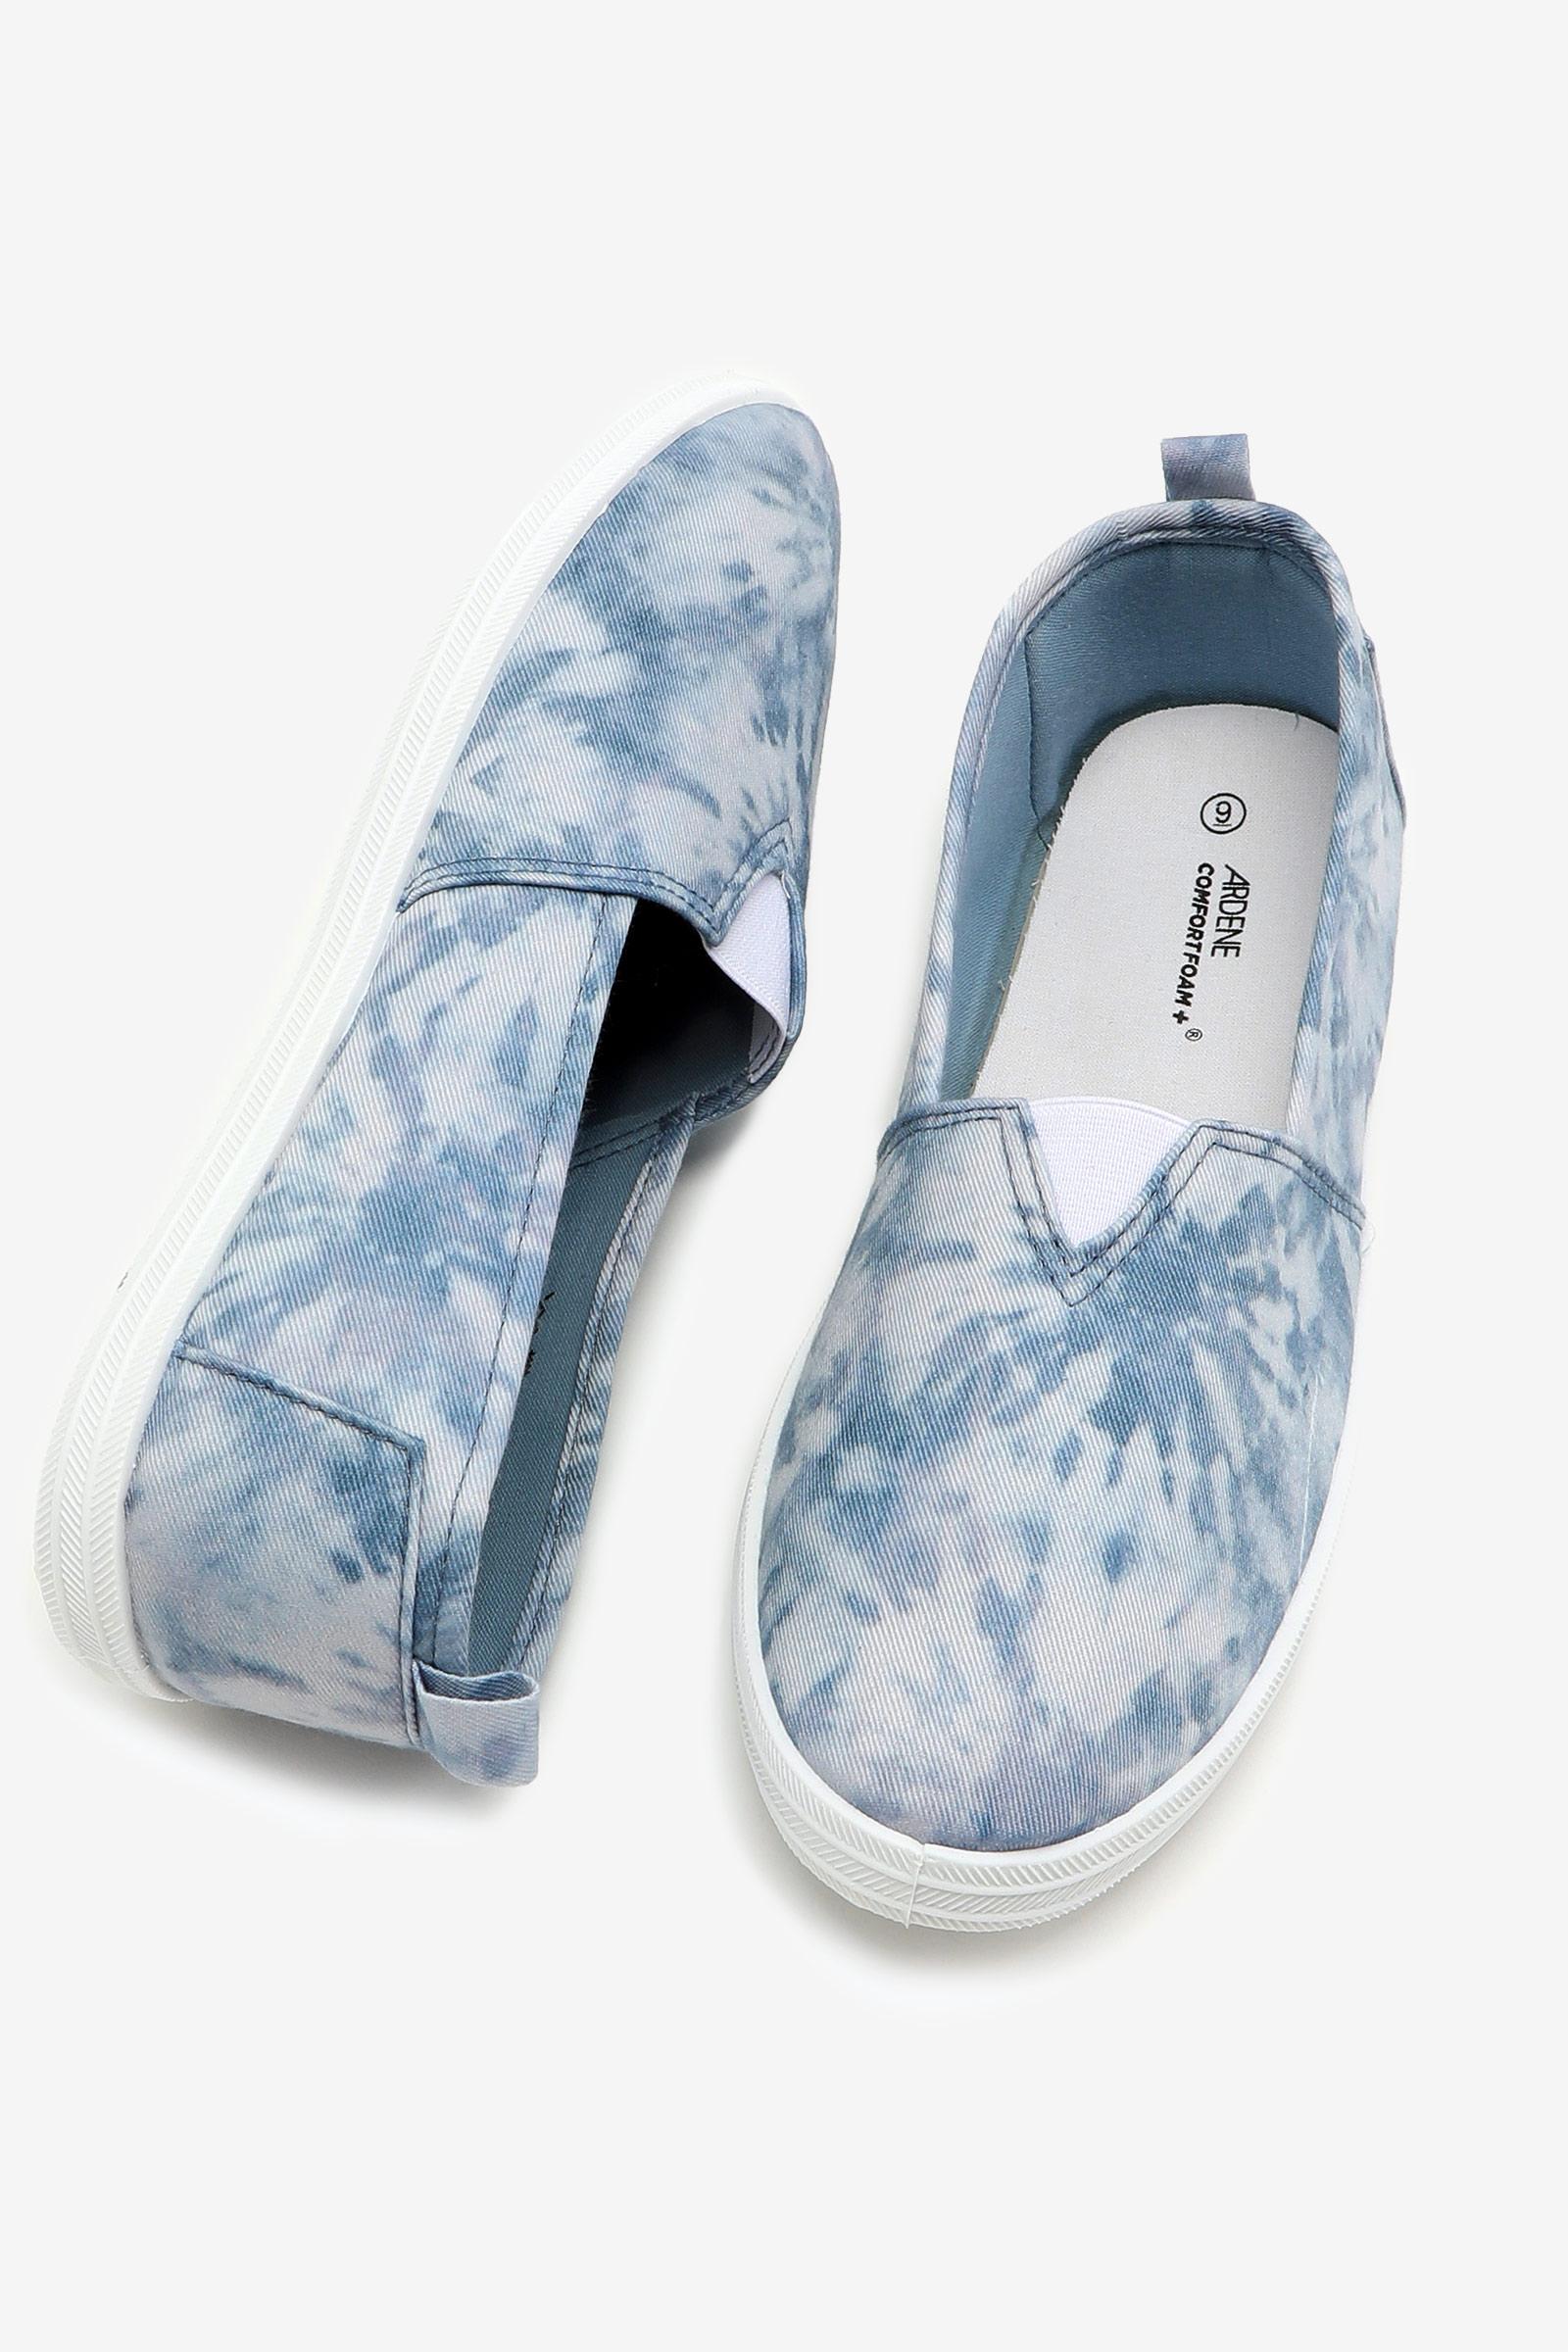 Basic Tie-Dye Slip-On Sneakers